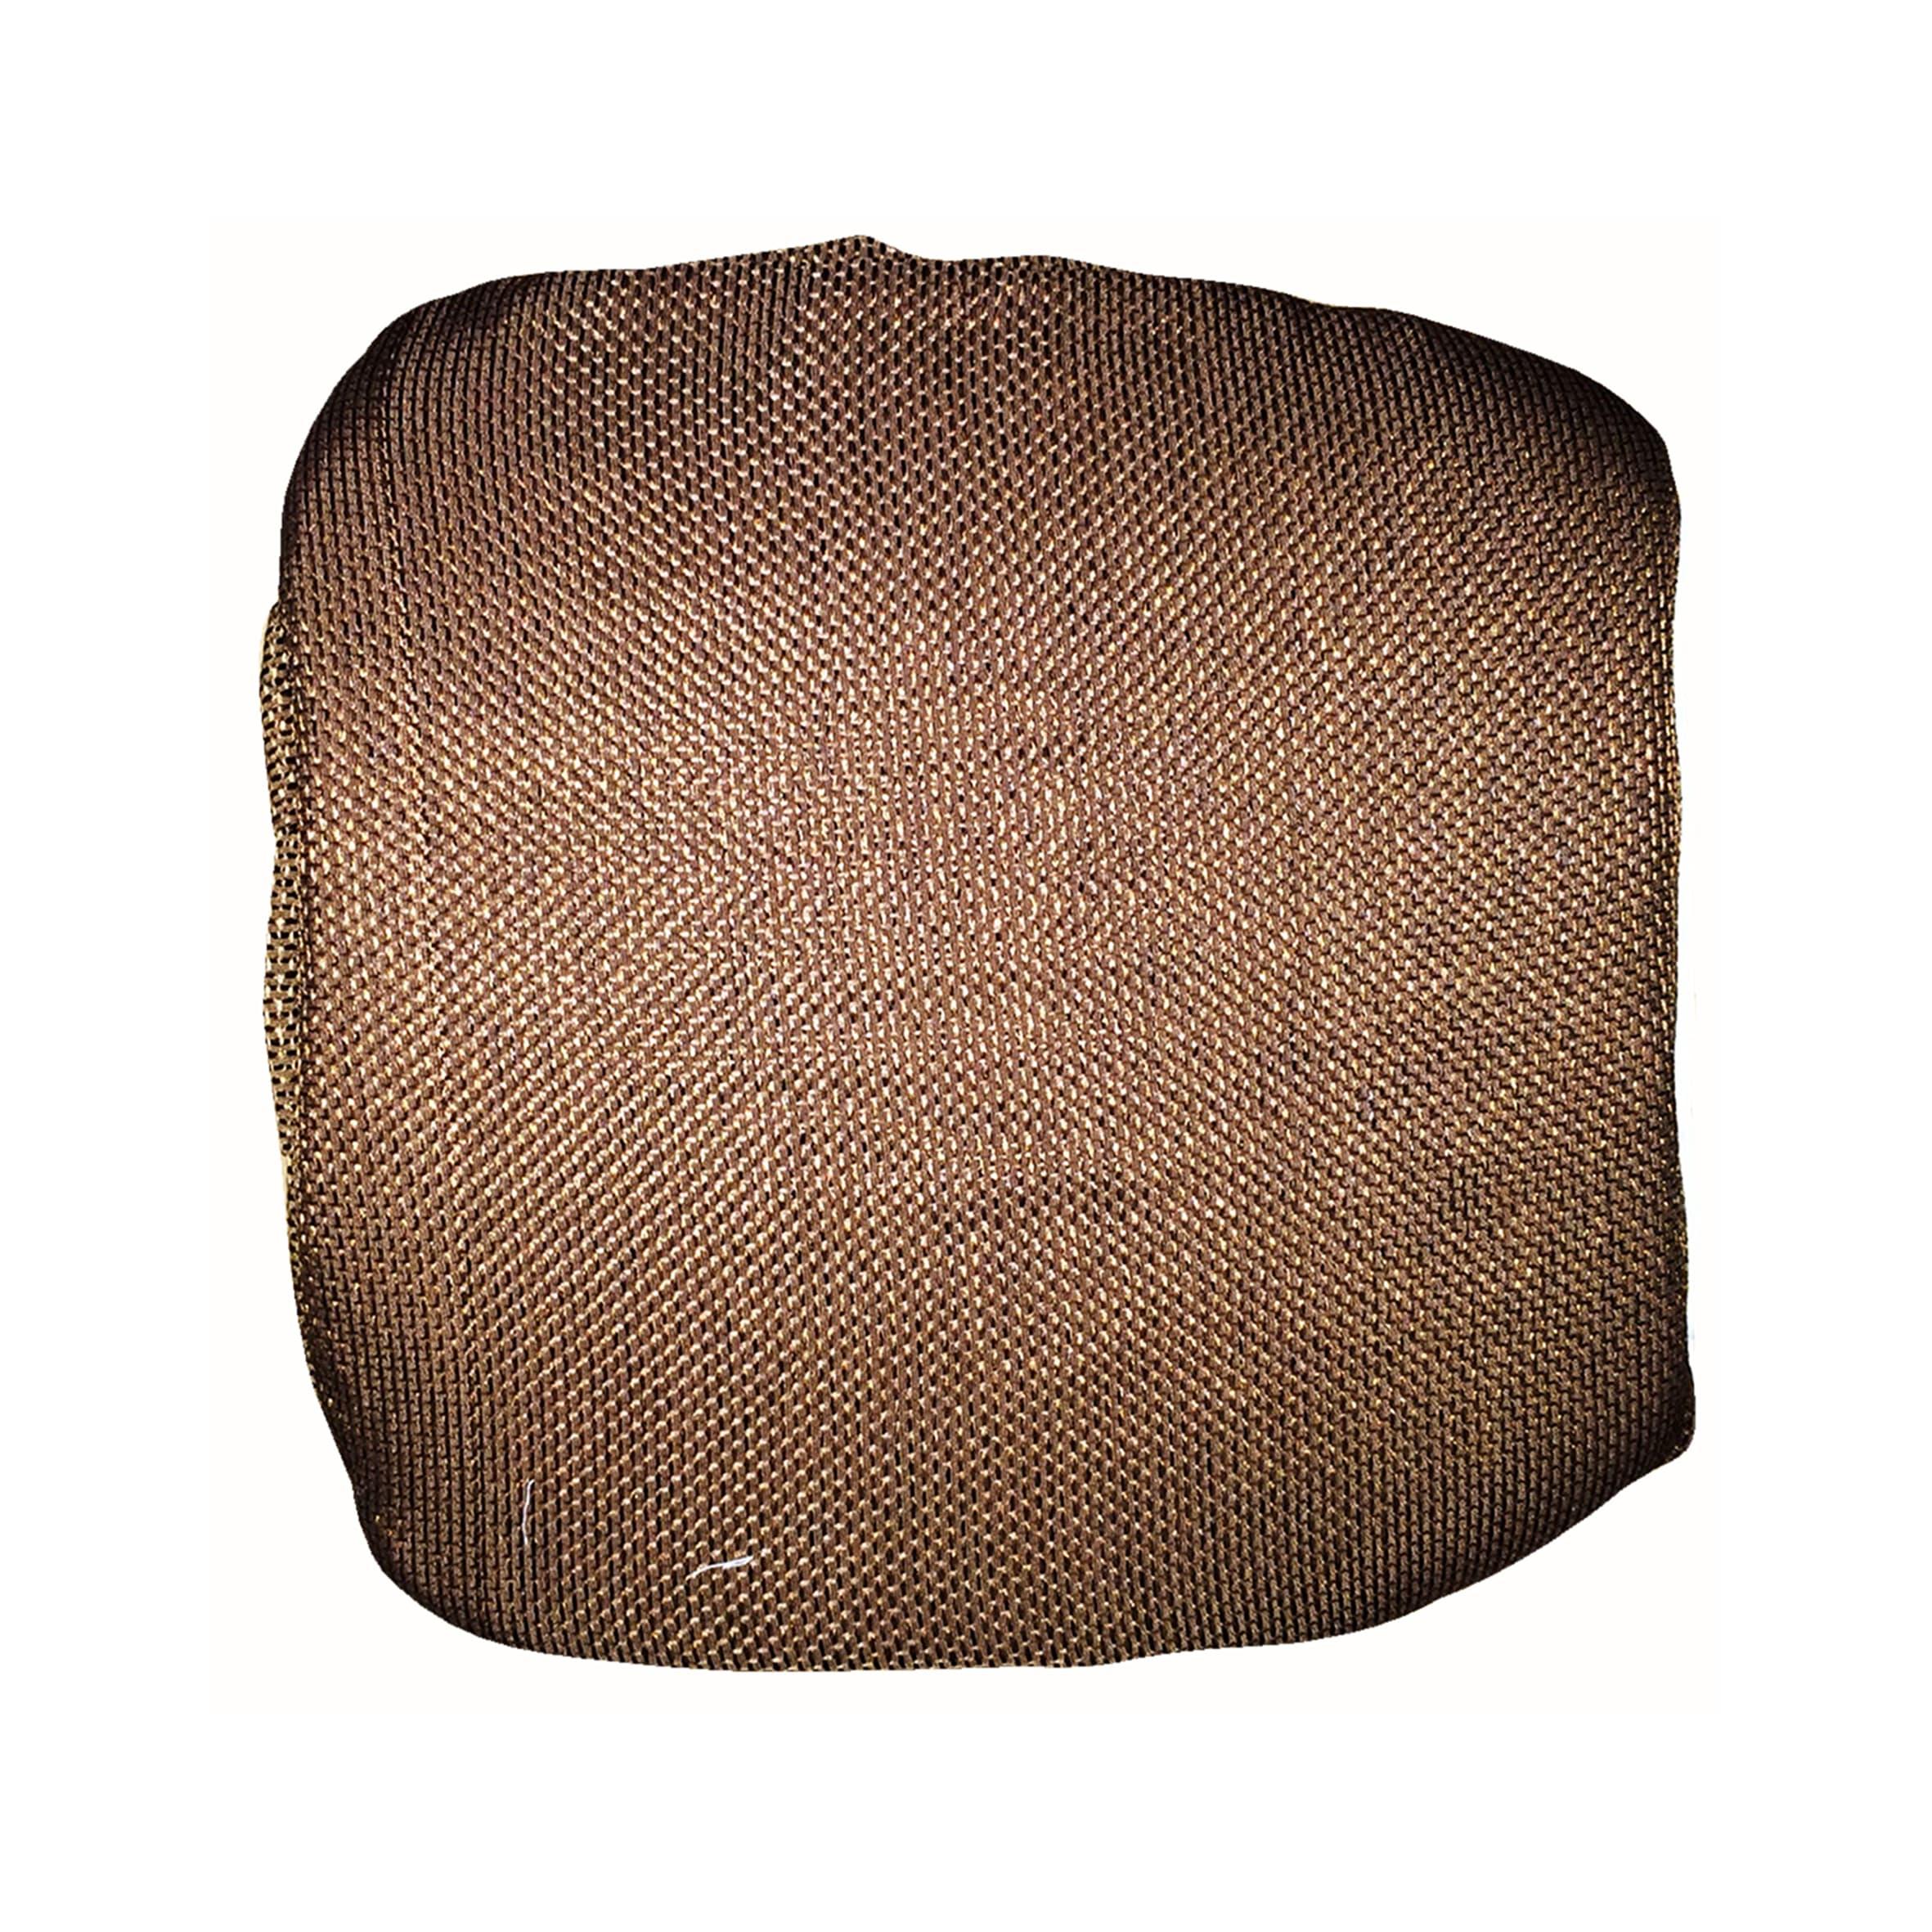 Cuscino per sedia con elastico Antonella marrone 40x40 cm